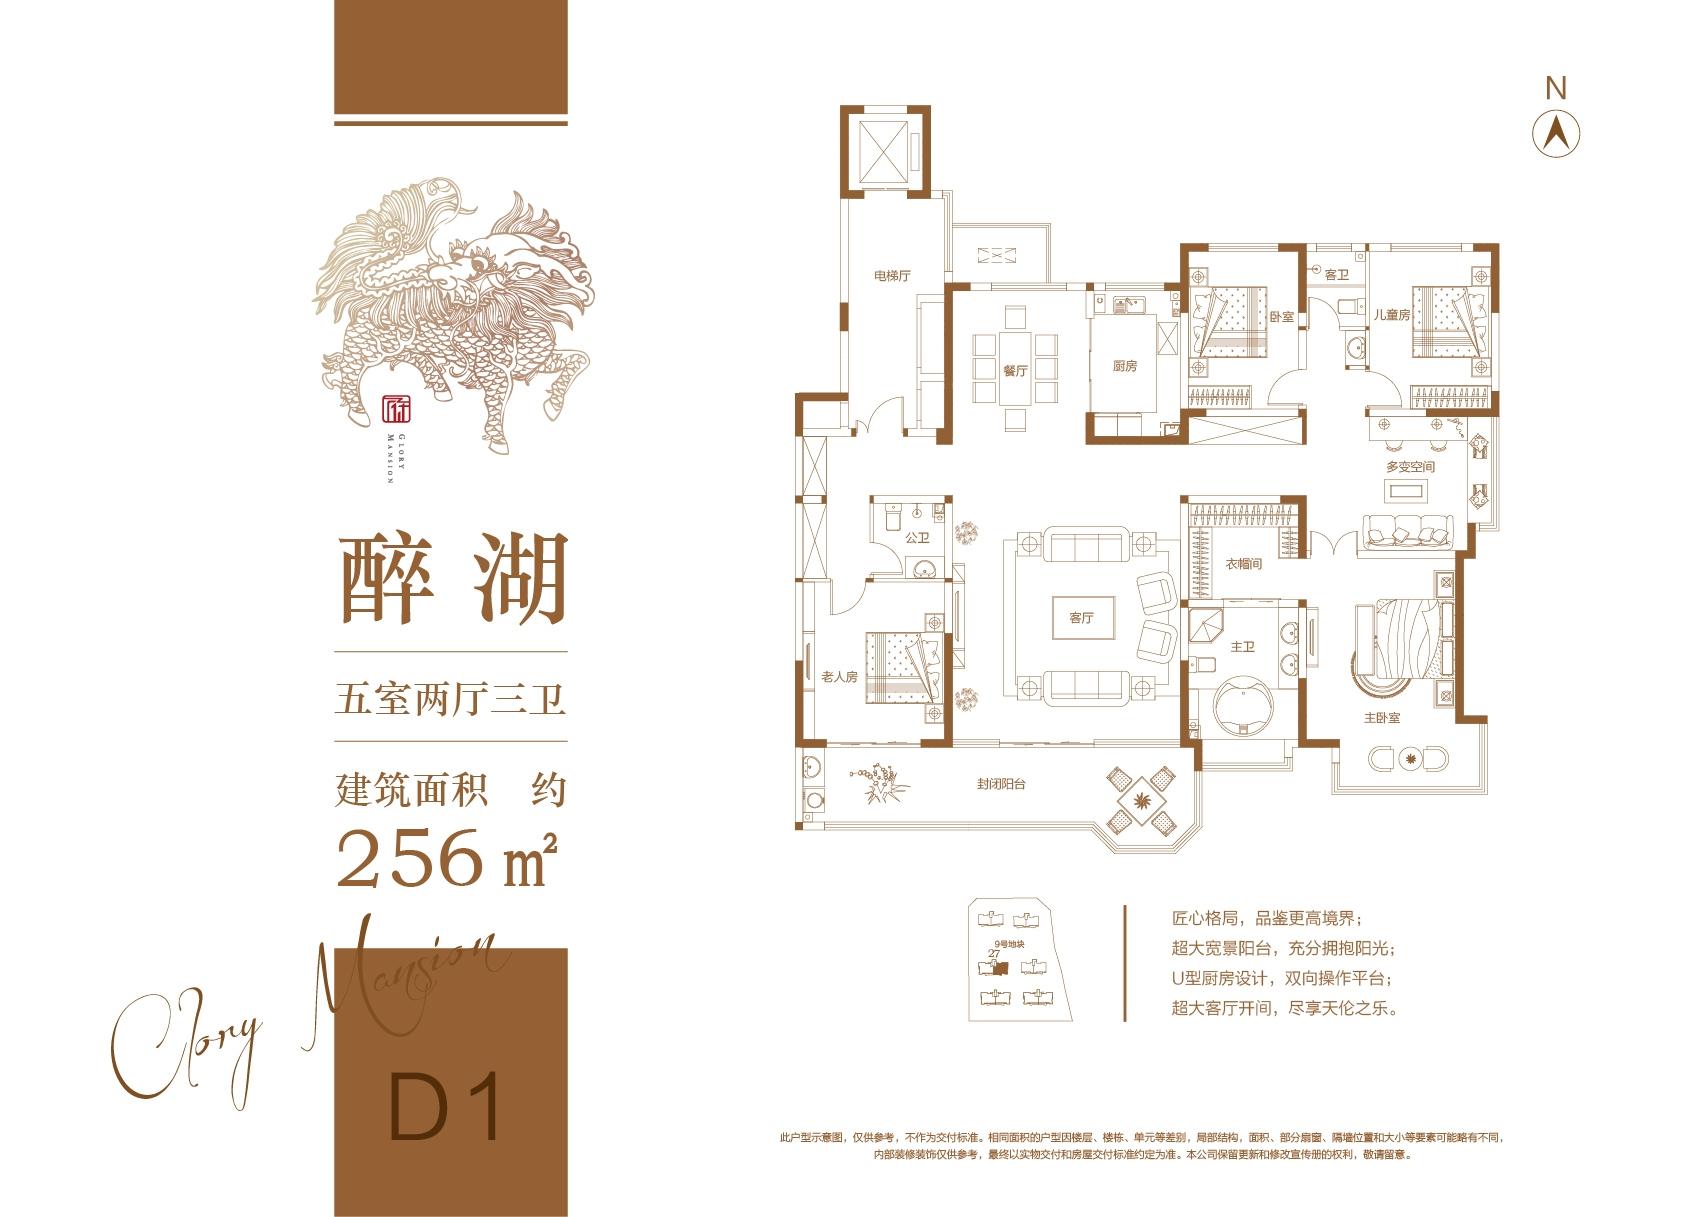 荣盛华府二区·玖珑院 D1户型 五室两厅三卫 建面约256㎡